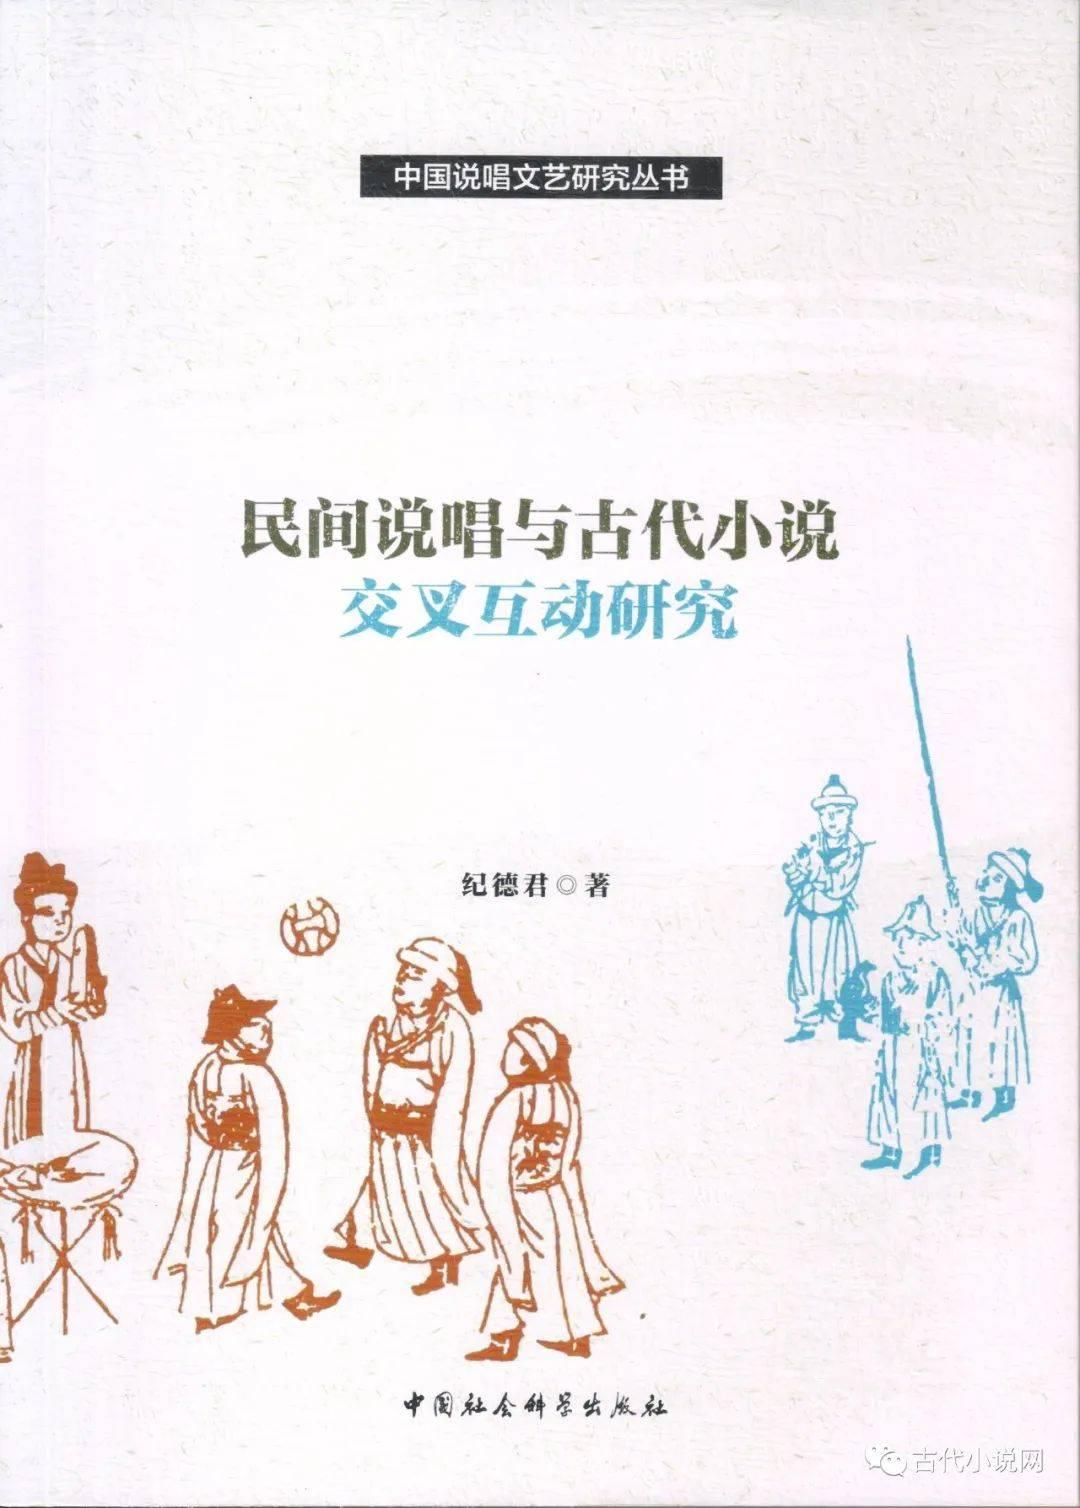 纪德君:《中国说唱文艺研究丛书》前言